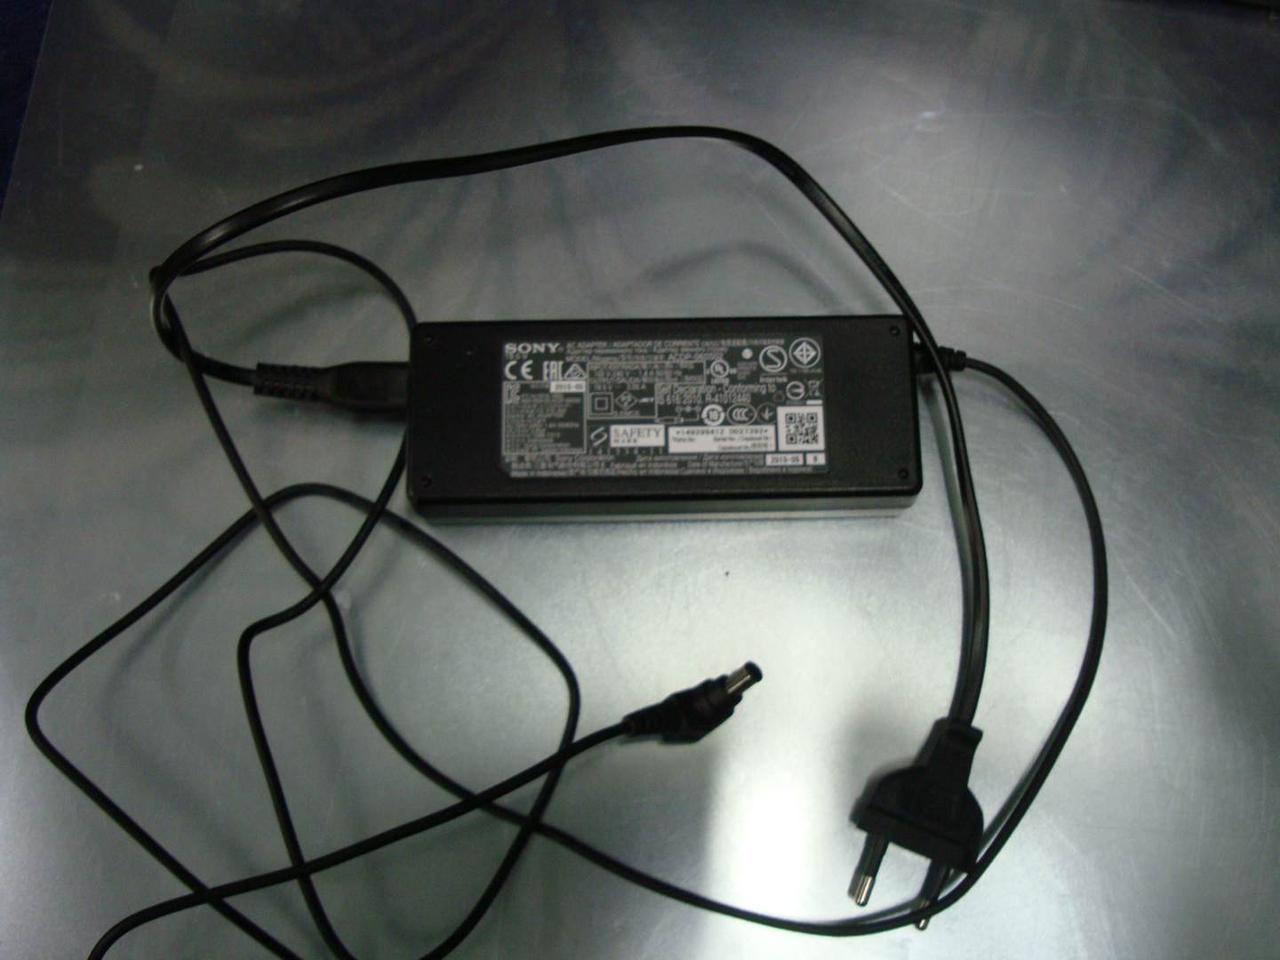 Блок питания для телевизора Sony ACDP-060S02 19,5V 3,05A